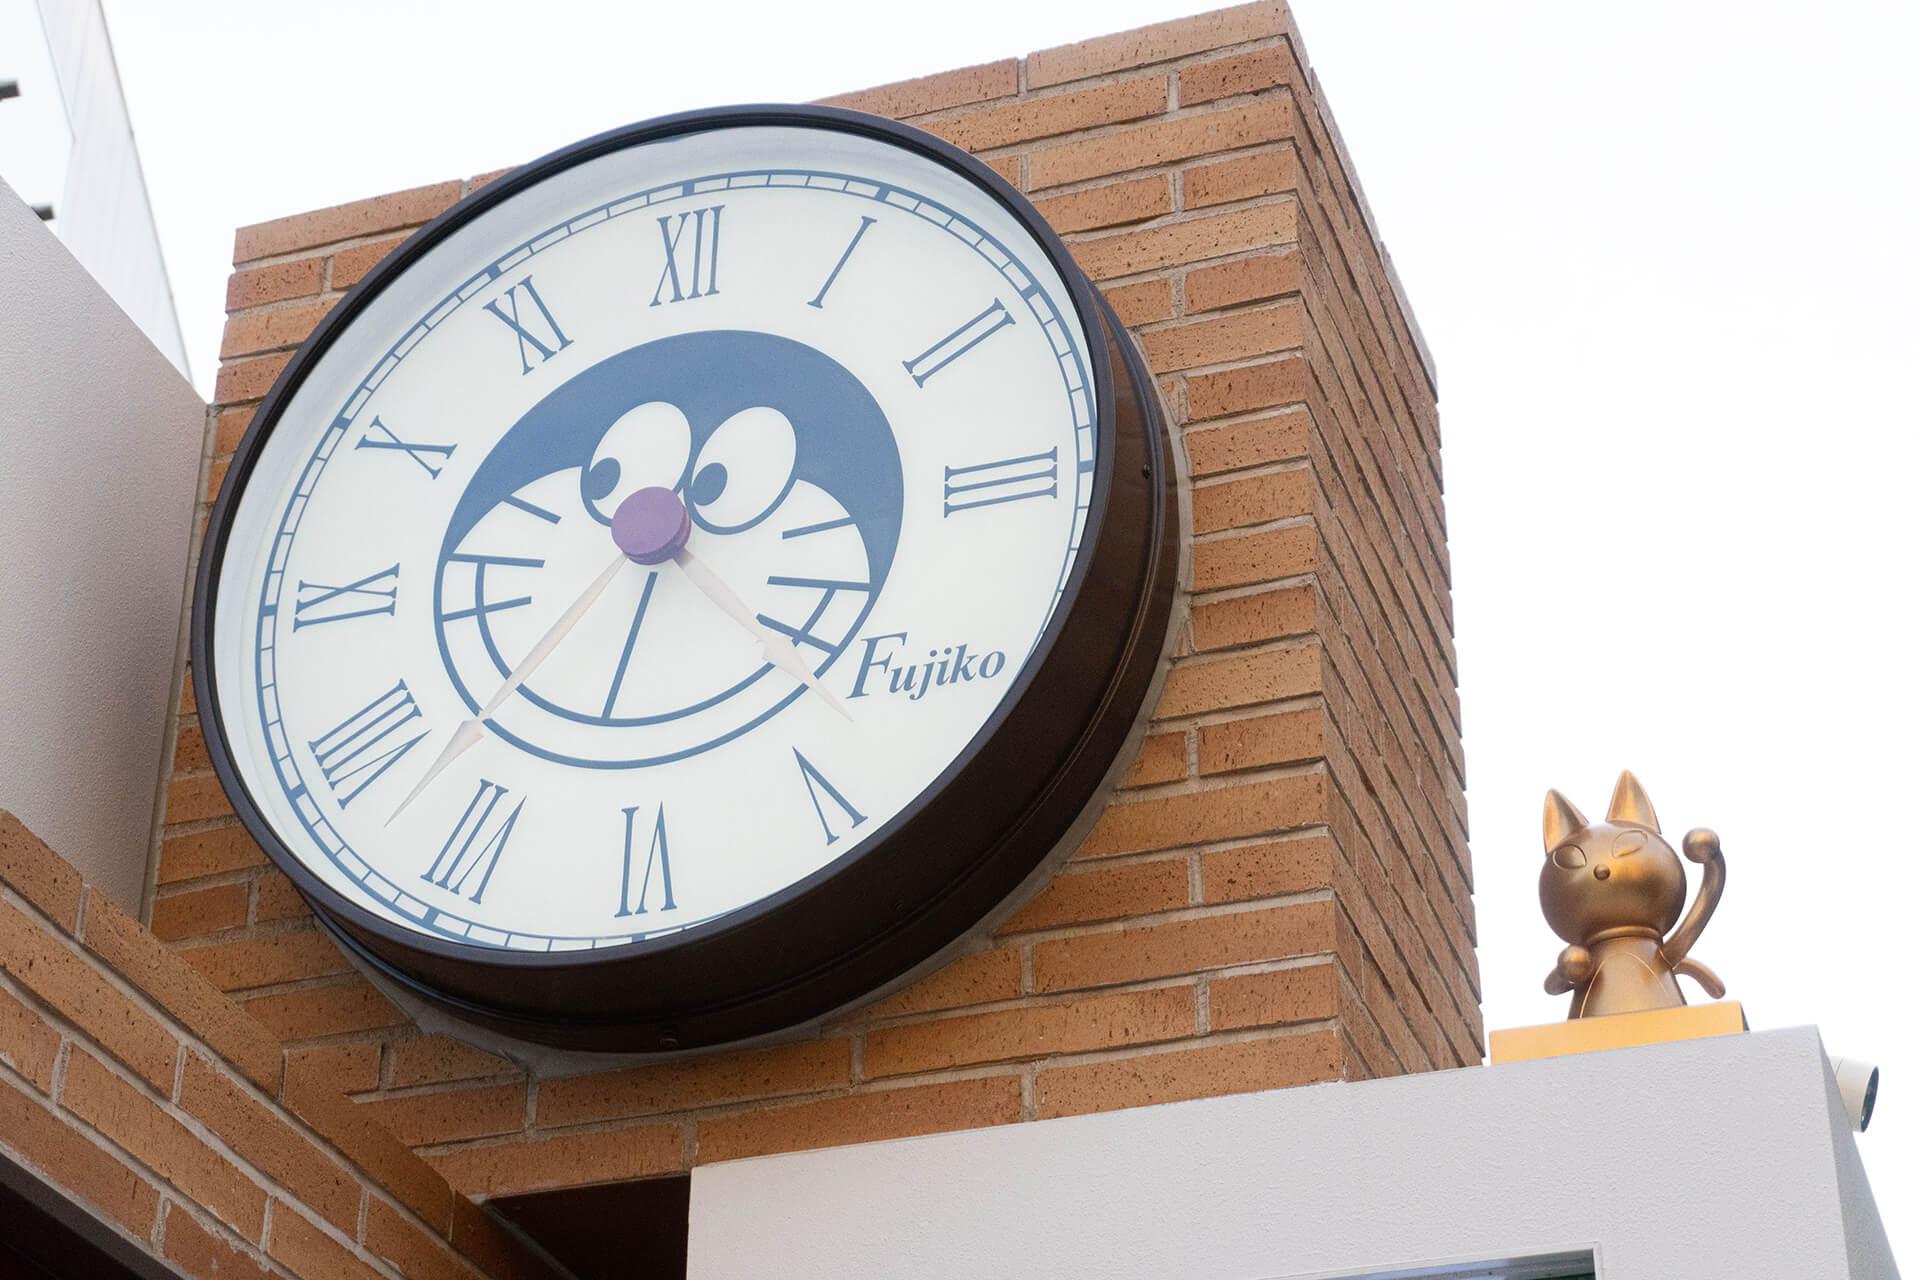 ダイバーシティ・ドラえもん時計